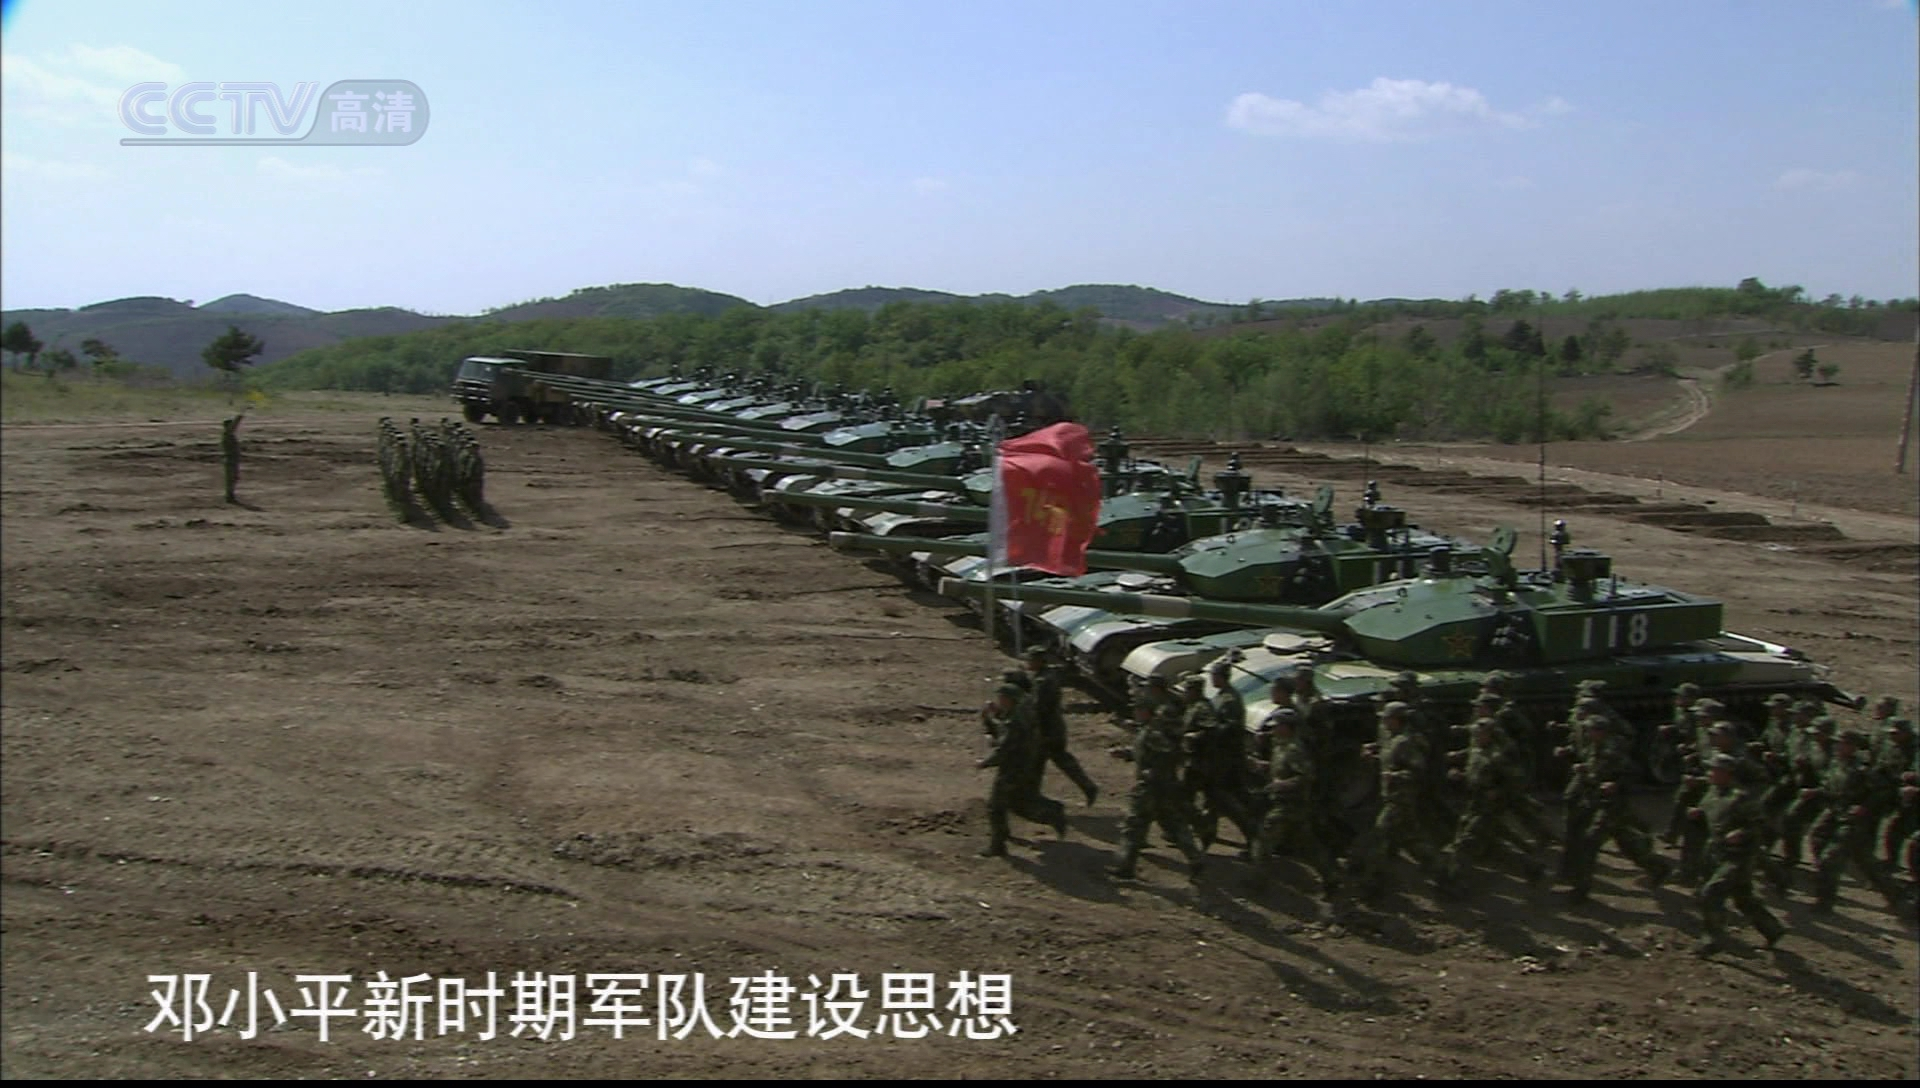 今日陆军最猛图:大家数数 99坦克连有多少台 战斗力强大